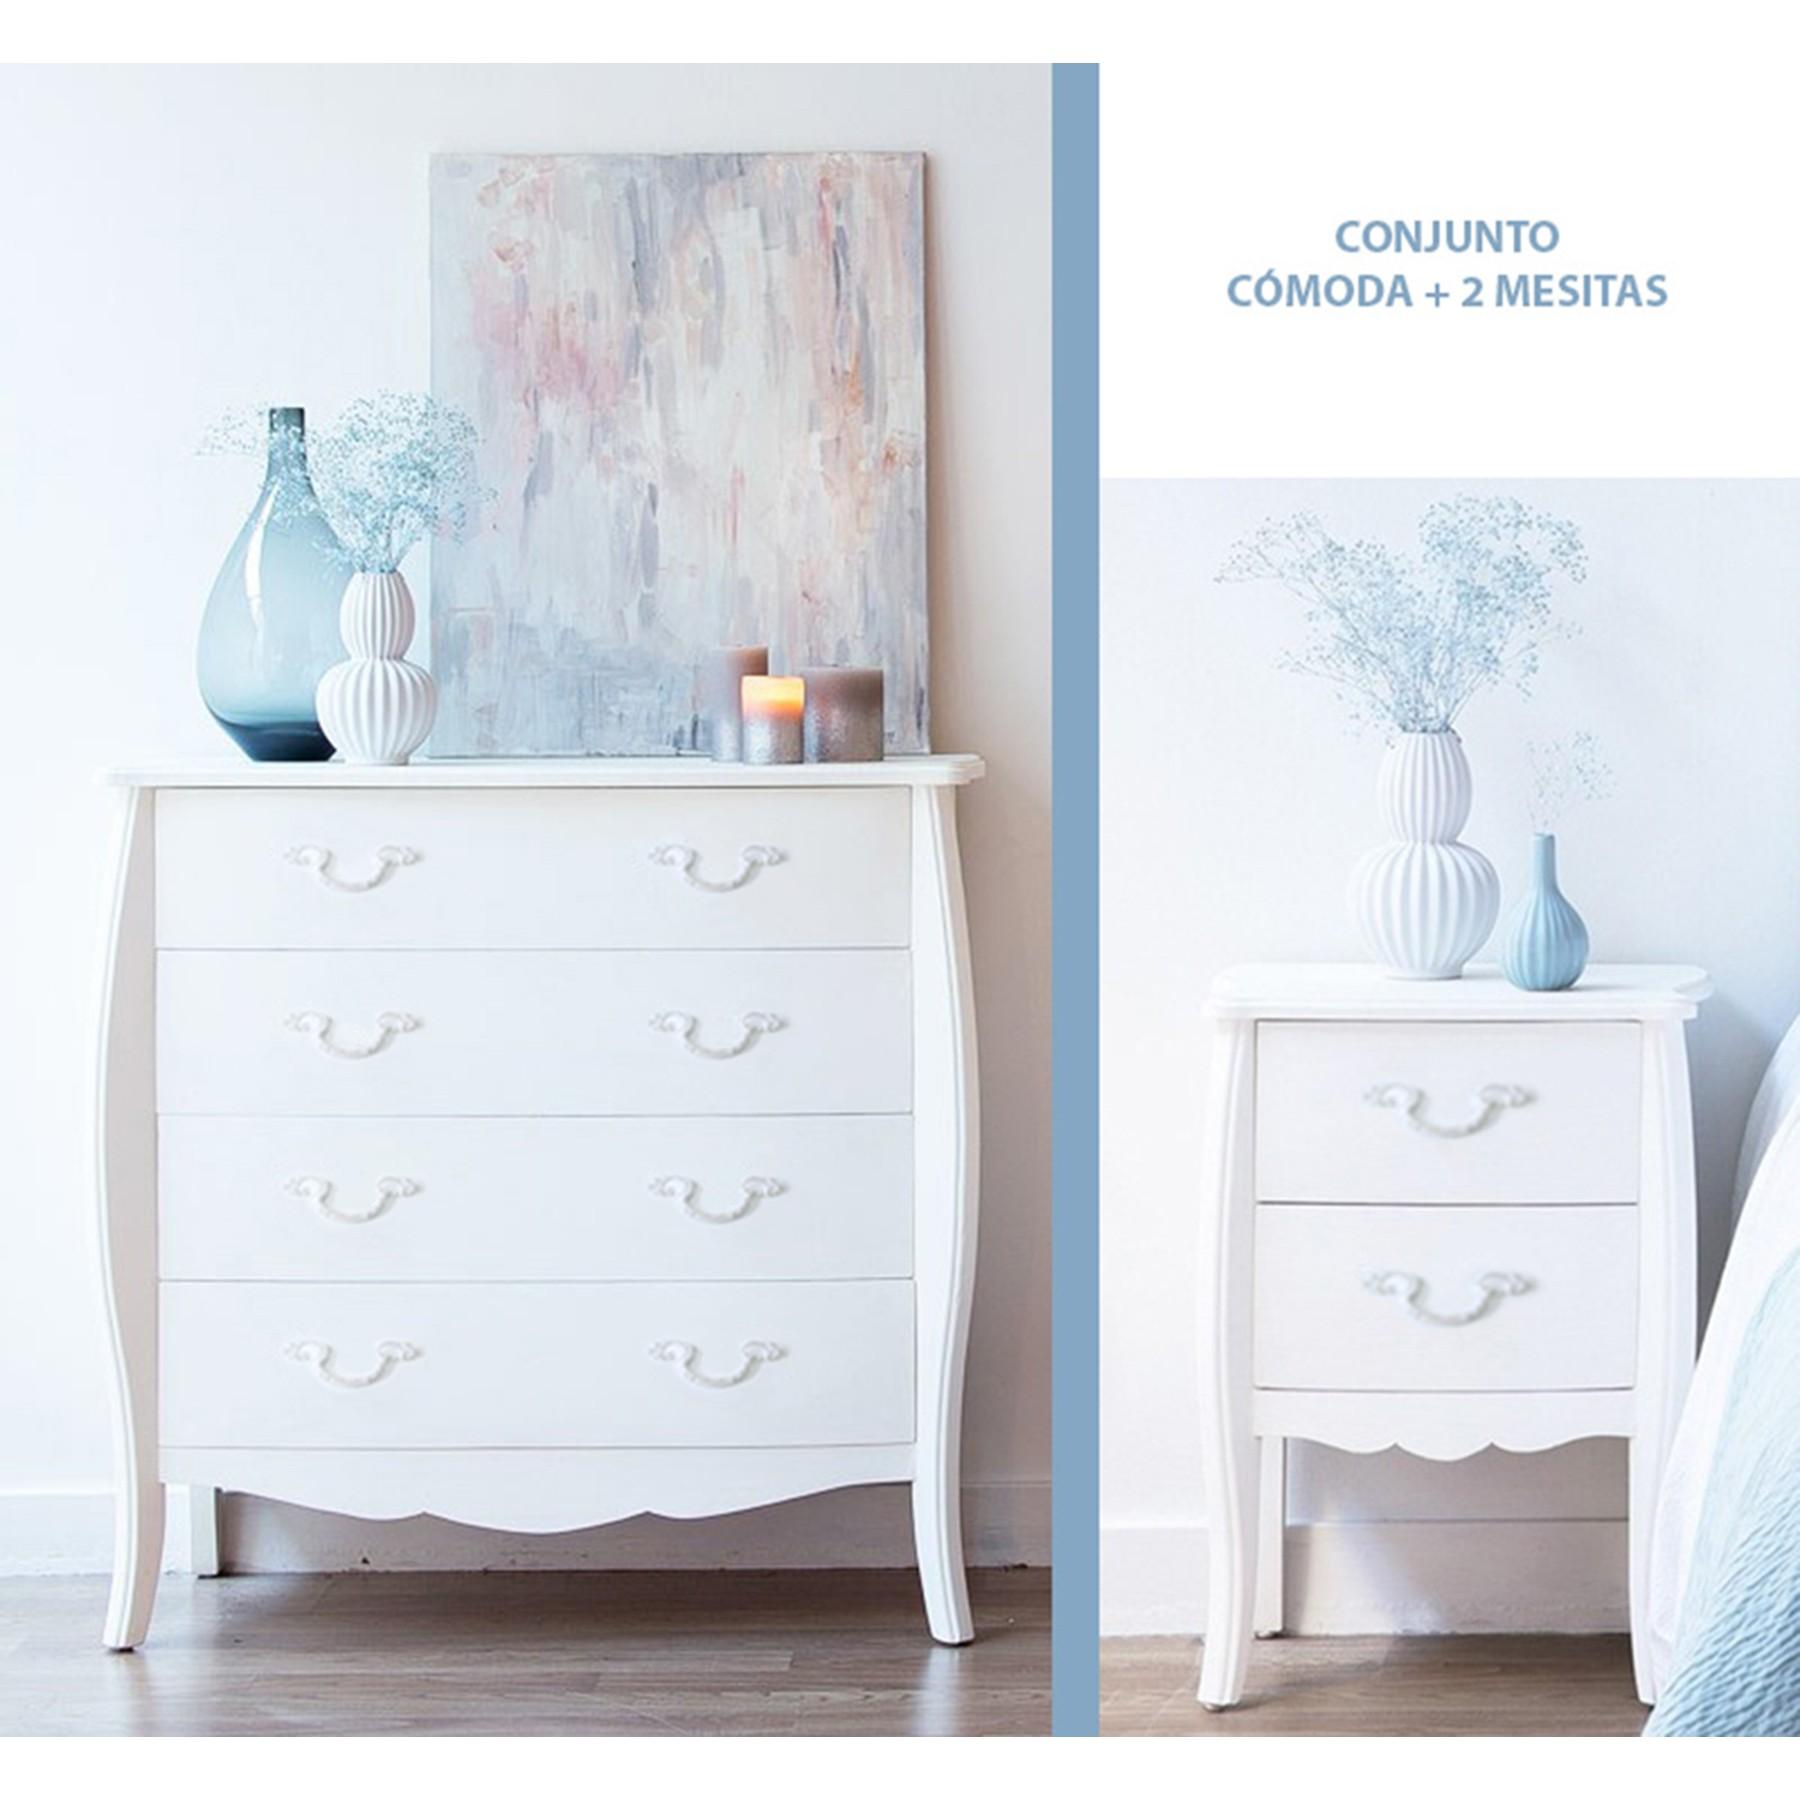 Conjunto c moda y mesitas modelo nube for Mesitas de noche blancas